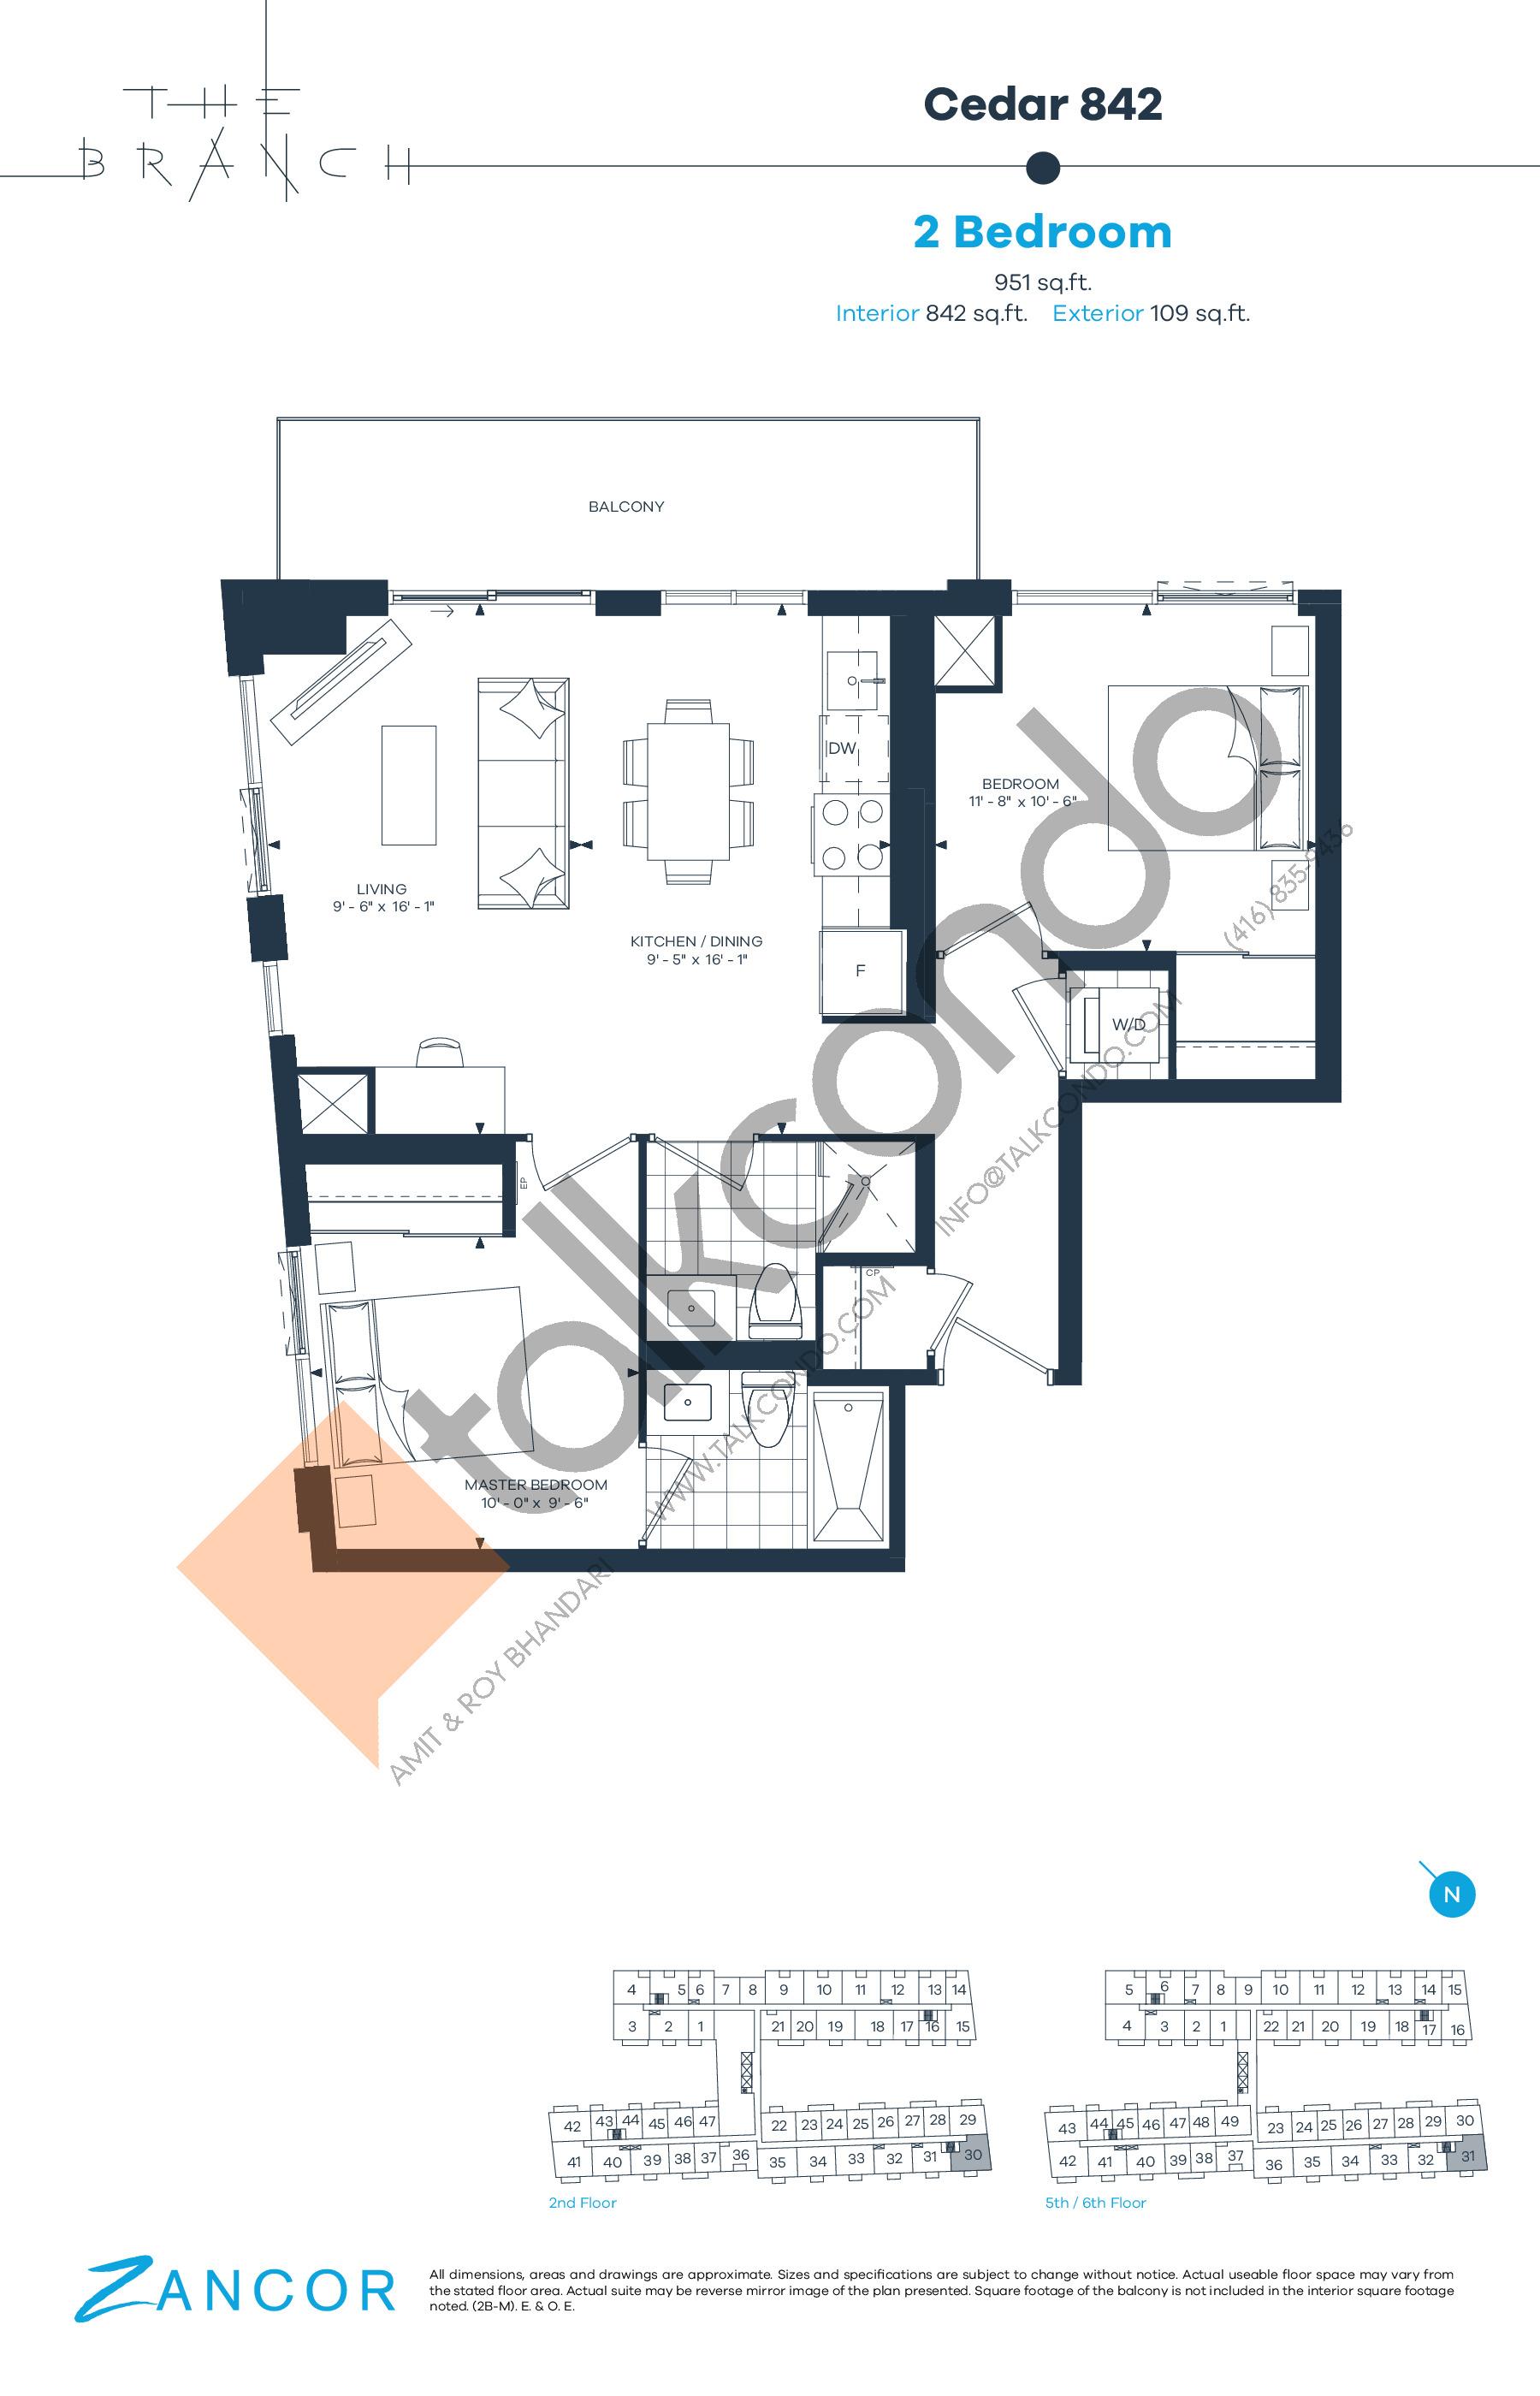 Cedar 842 Floor Plan at The Branch Condos - 842 sq.ft